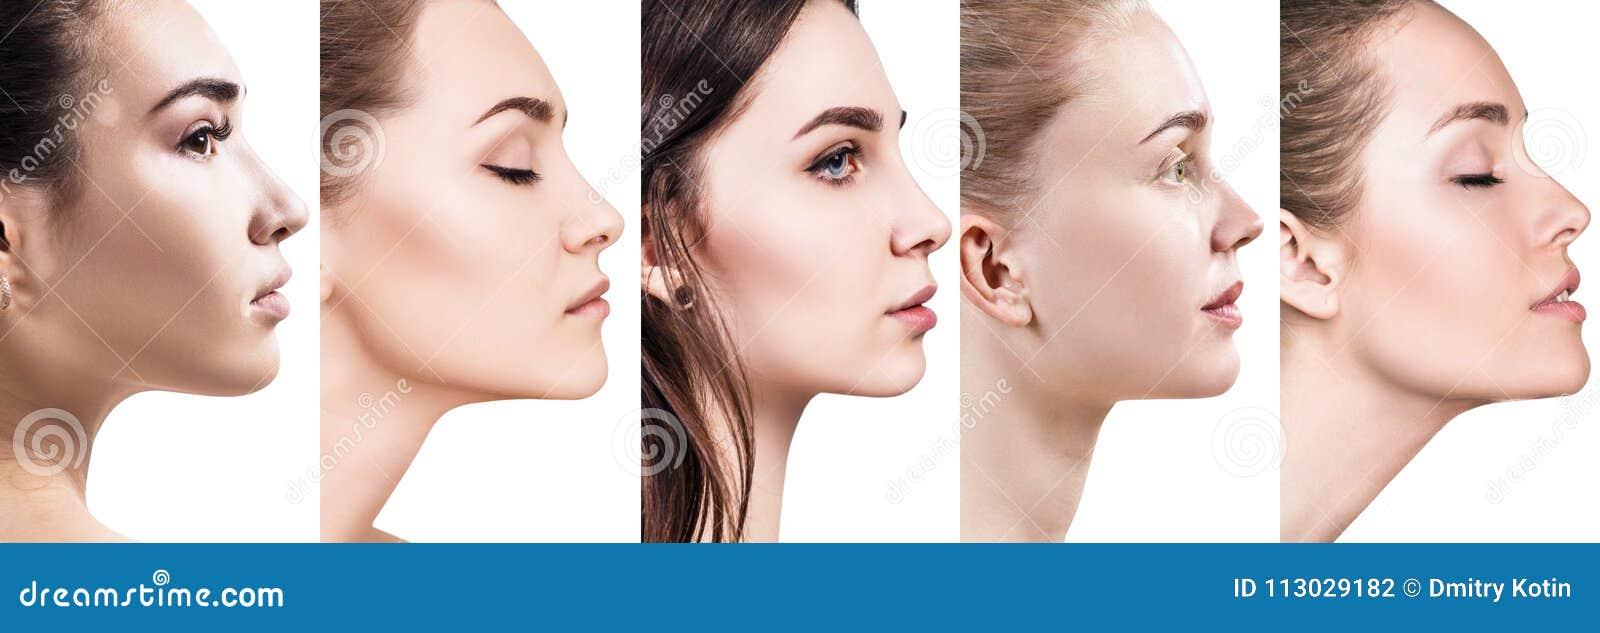 Collage de diversas mujeres en la opinión del perfil